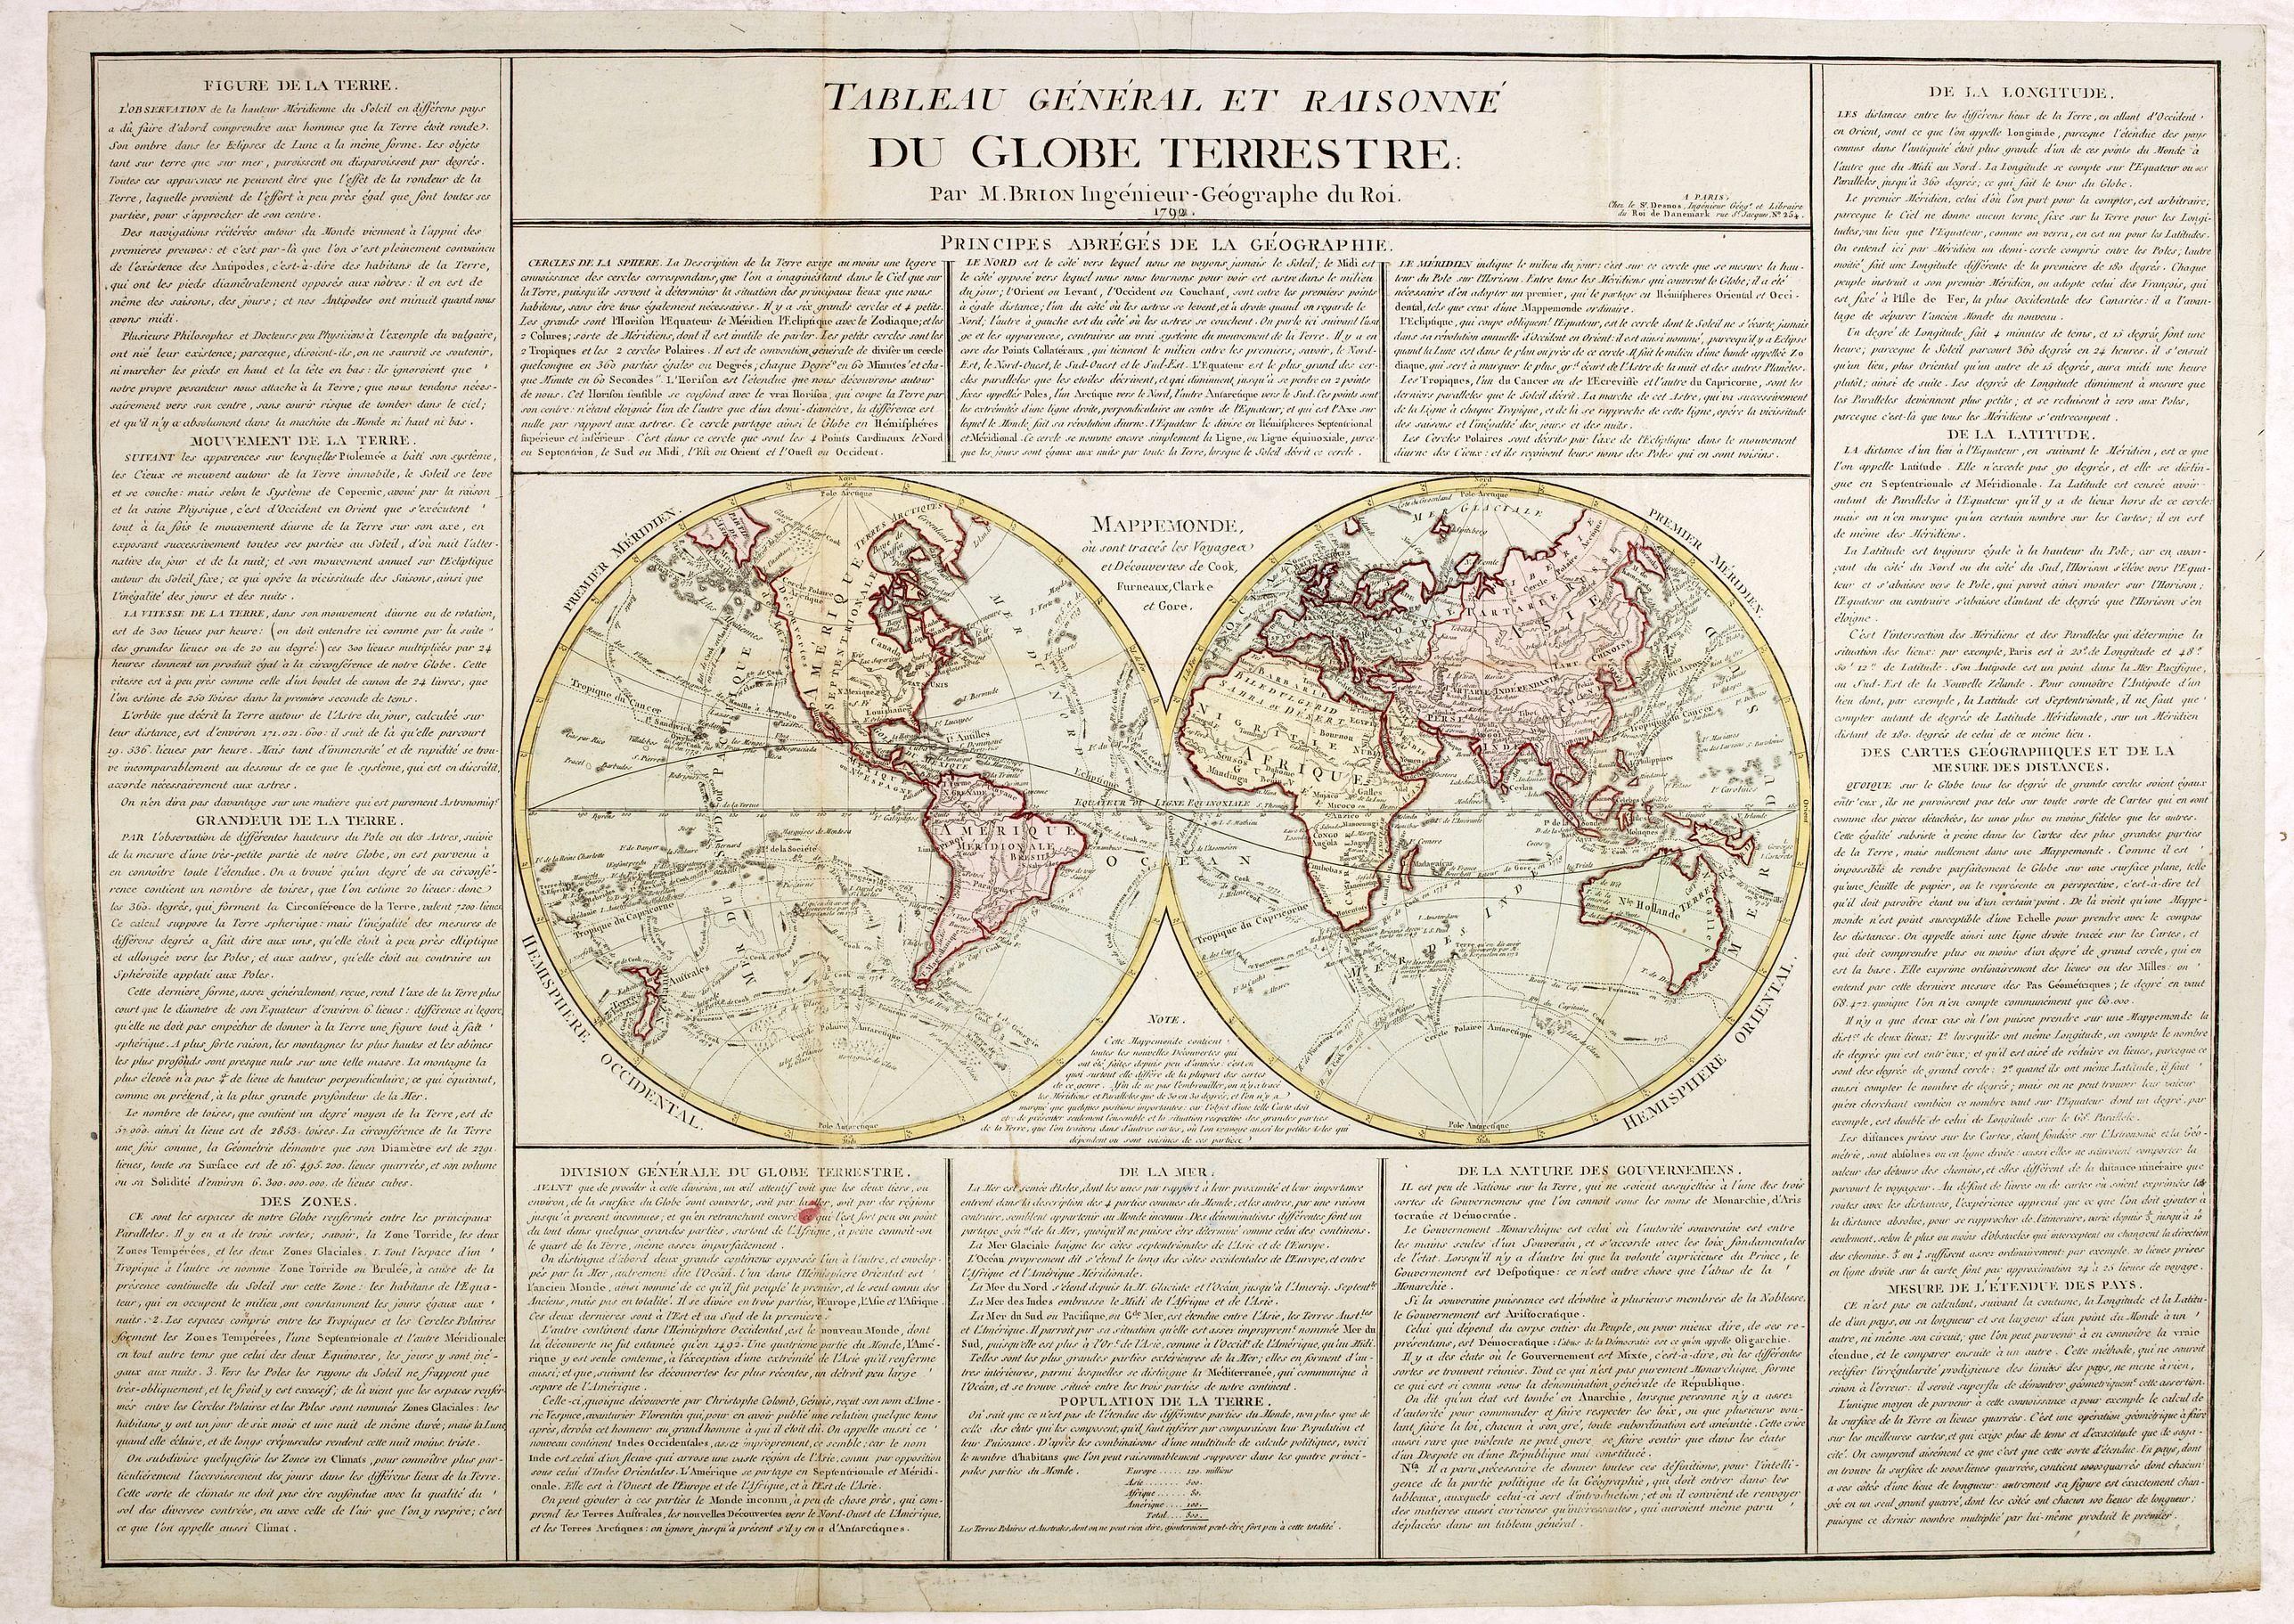 DESNOS/ BRION -  Tableau général et raisonné du Globe Terrestre. . .